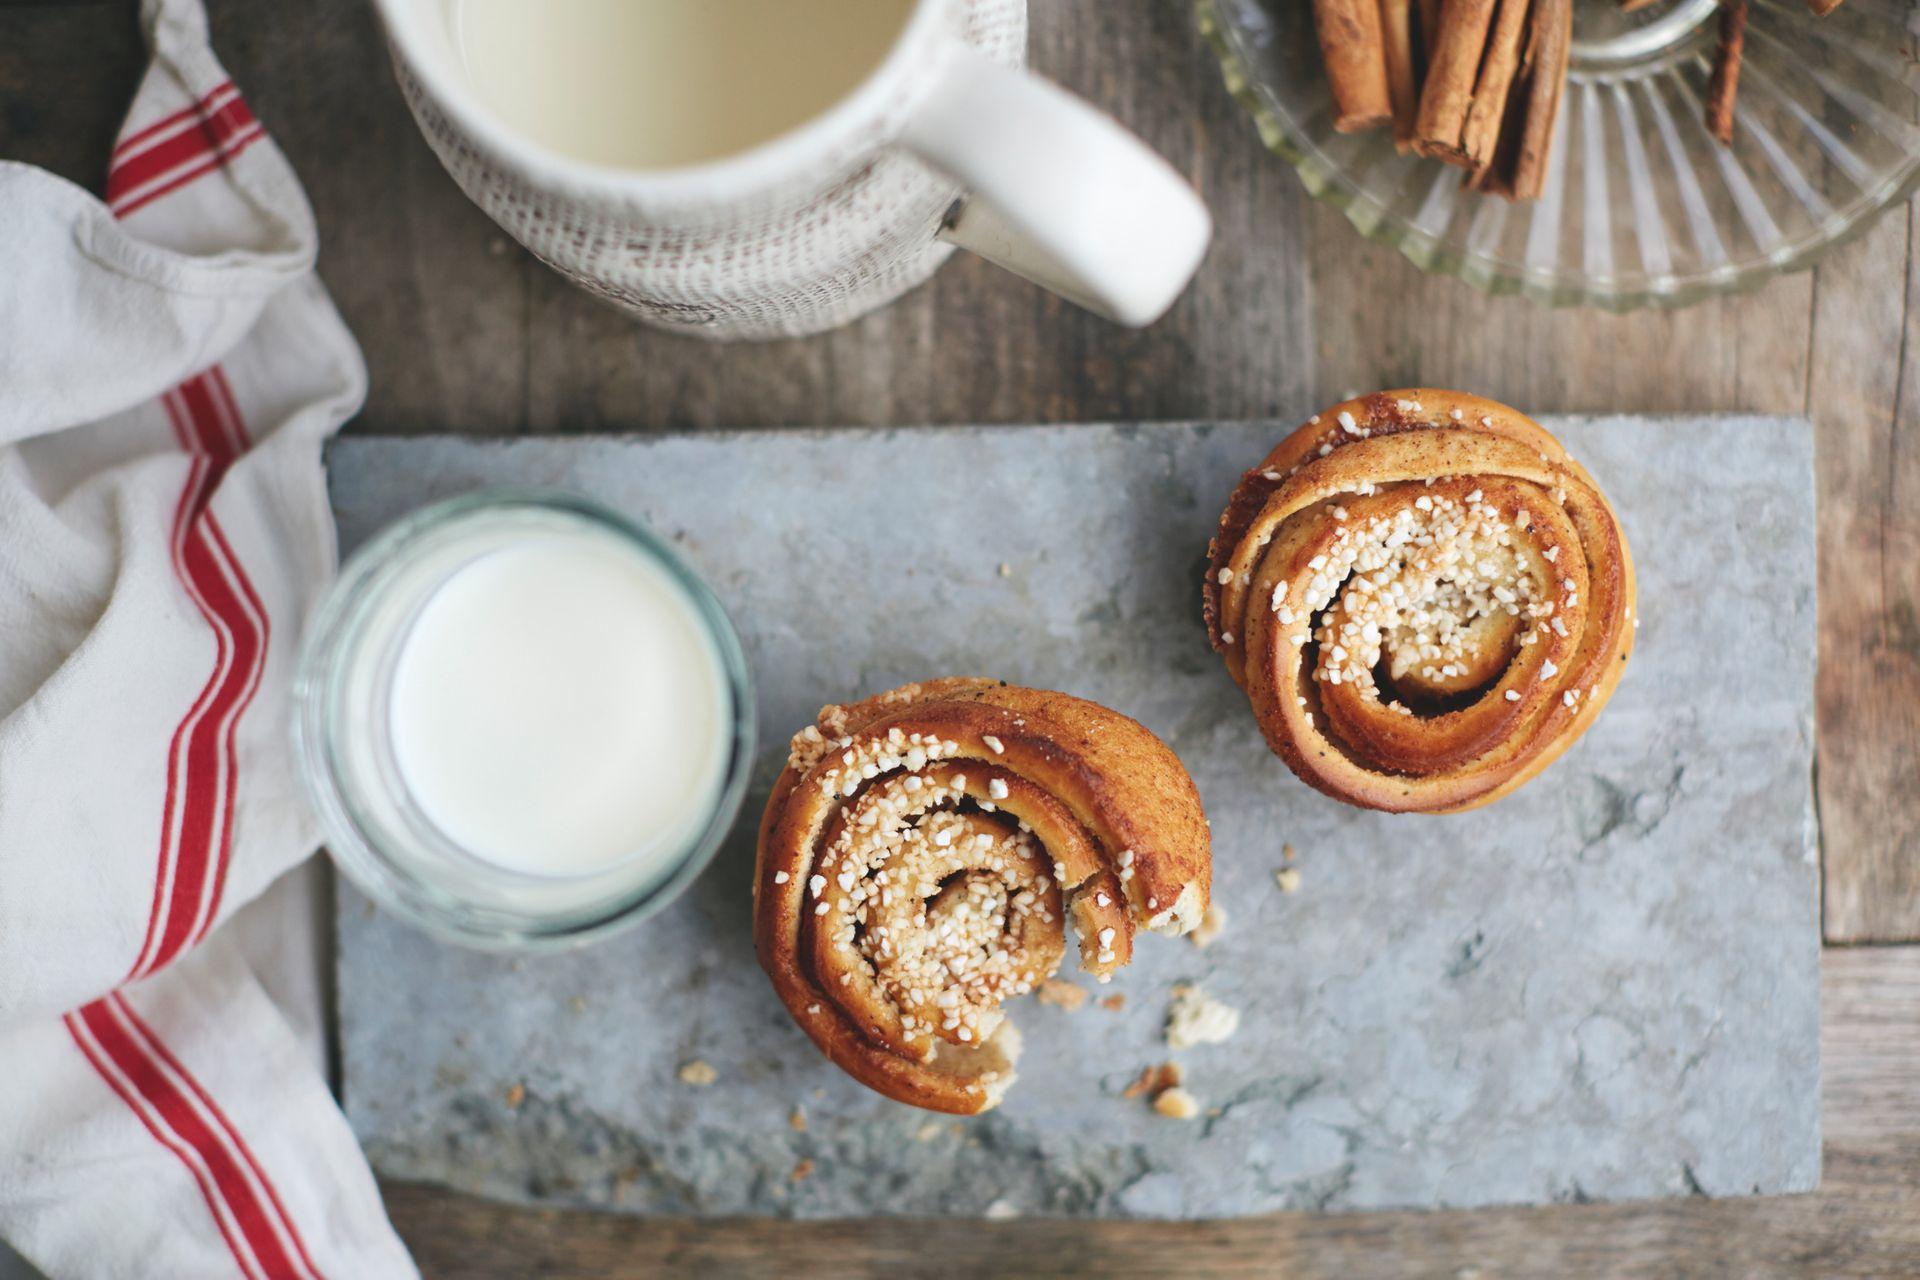 Cinnamon buns with milk